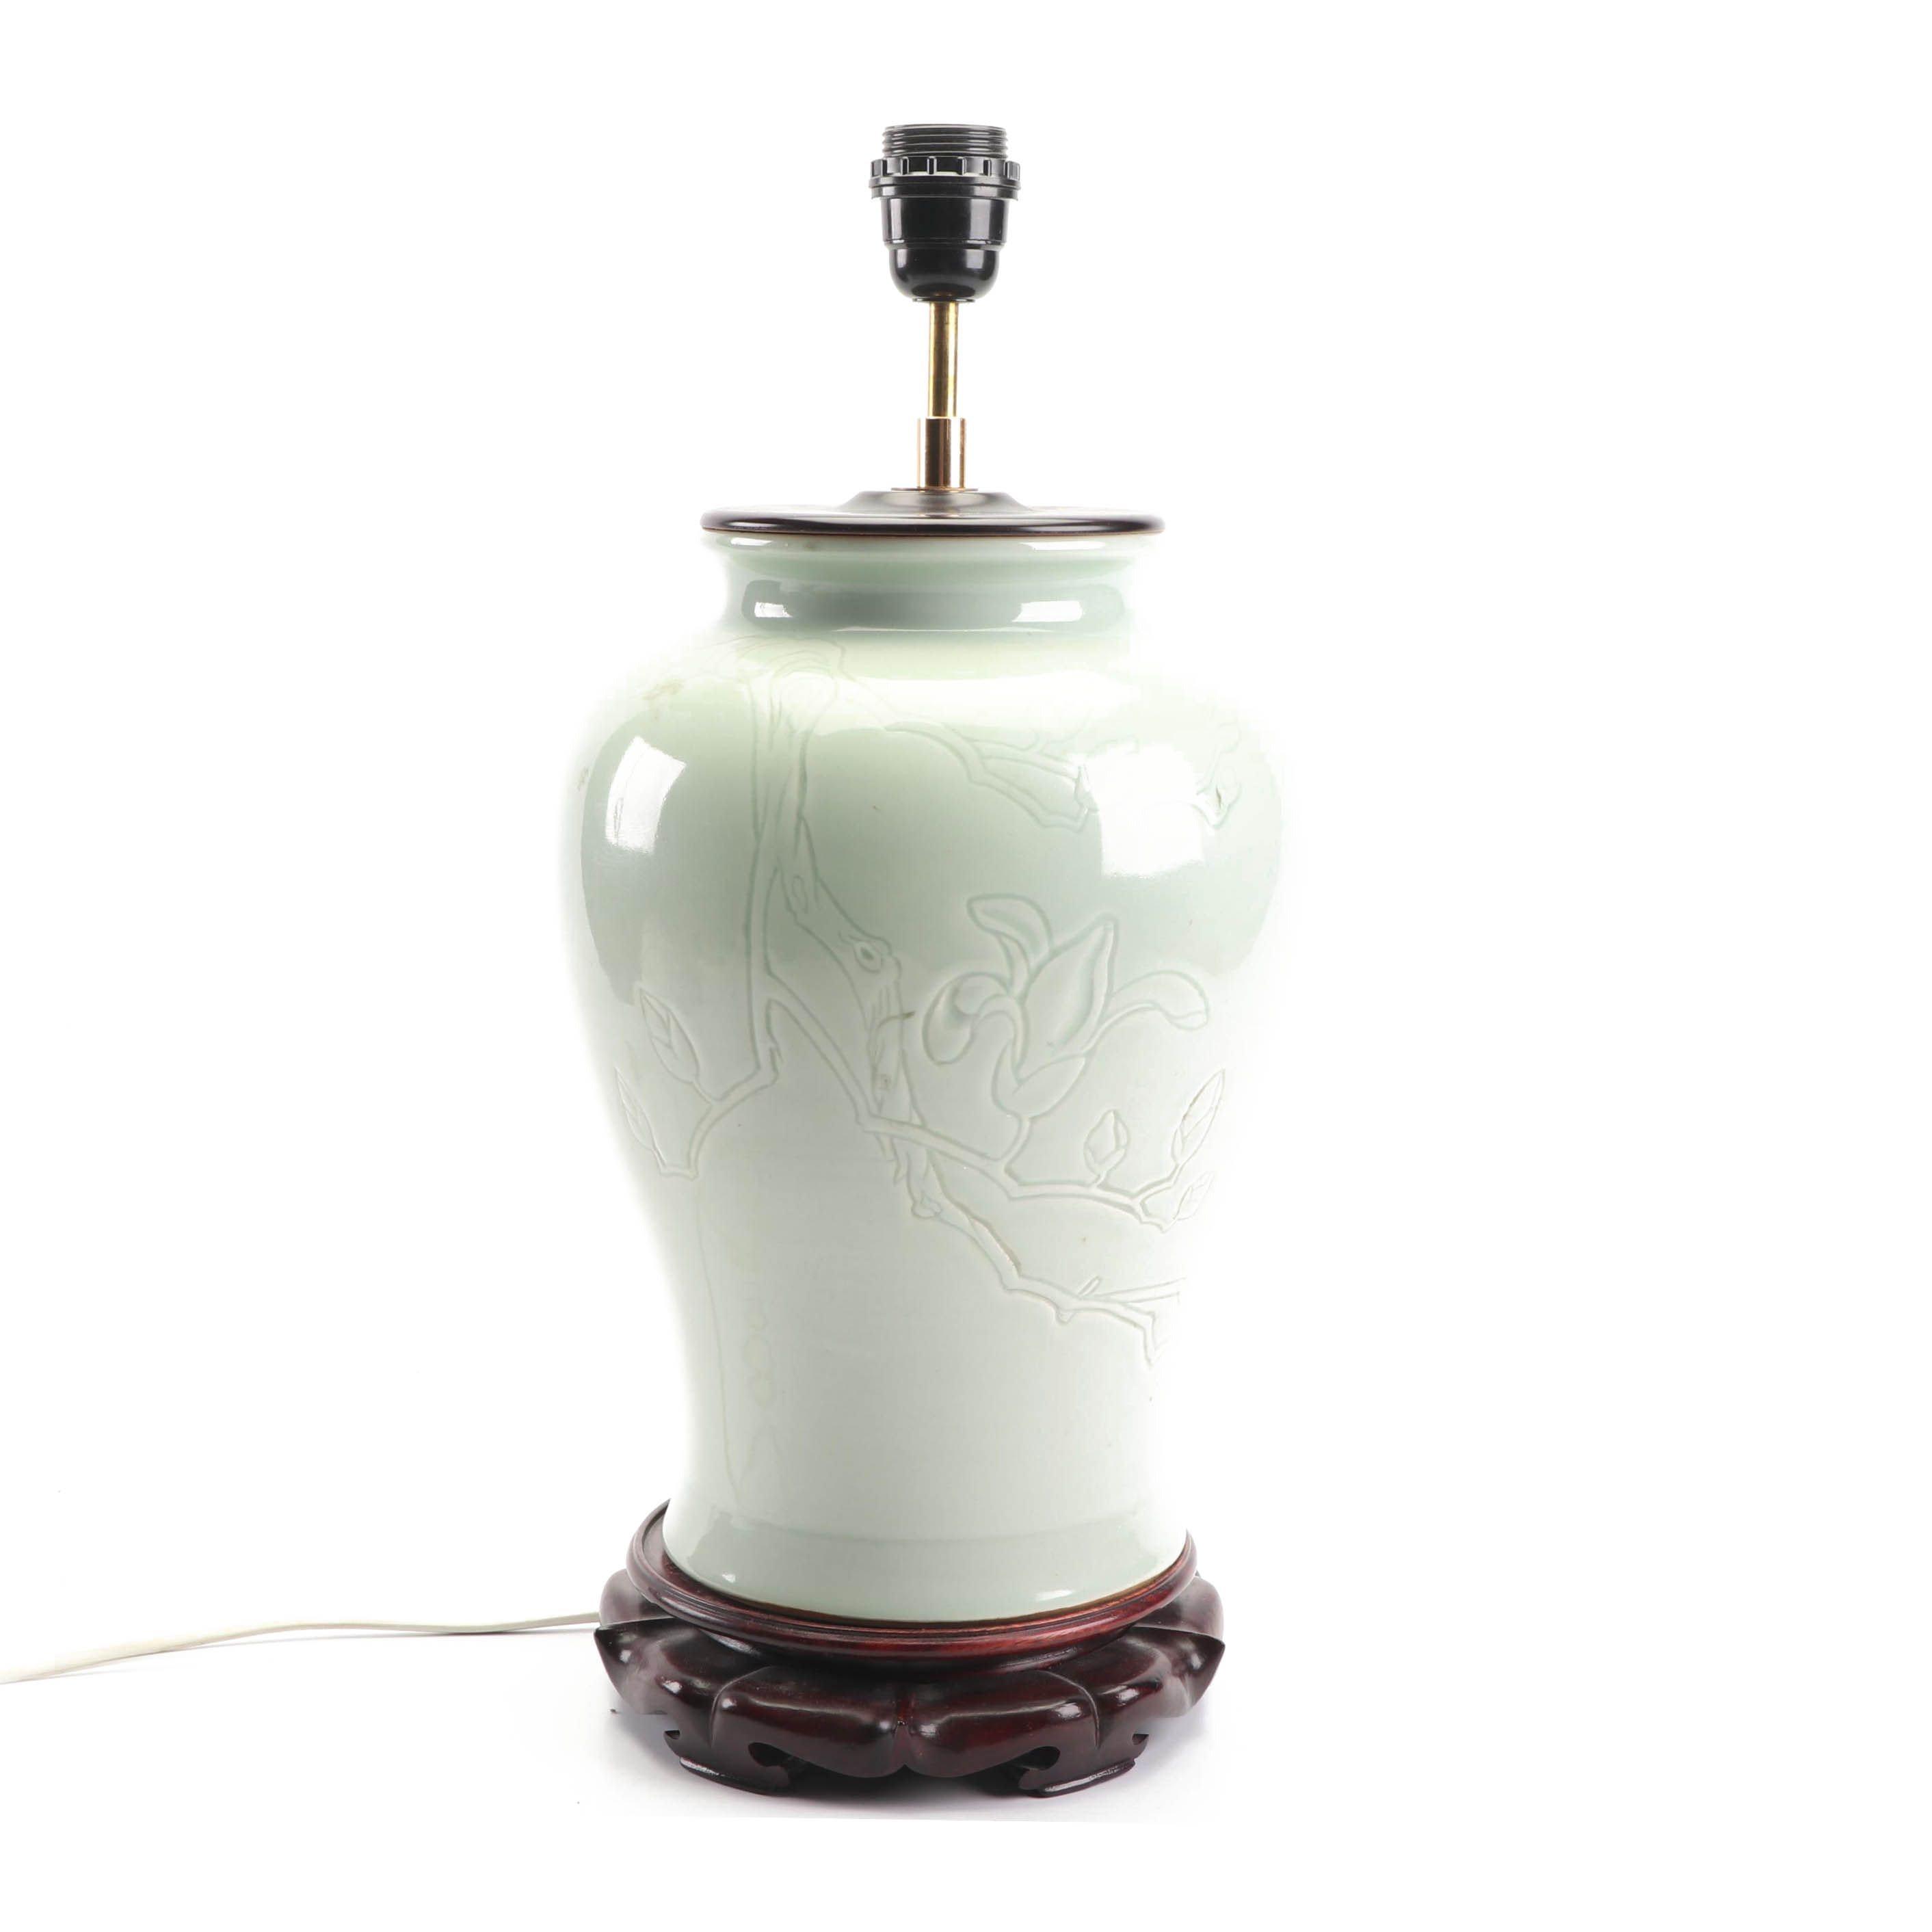 Chinese Green Celadon Ceramic Jar Table Lamp